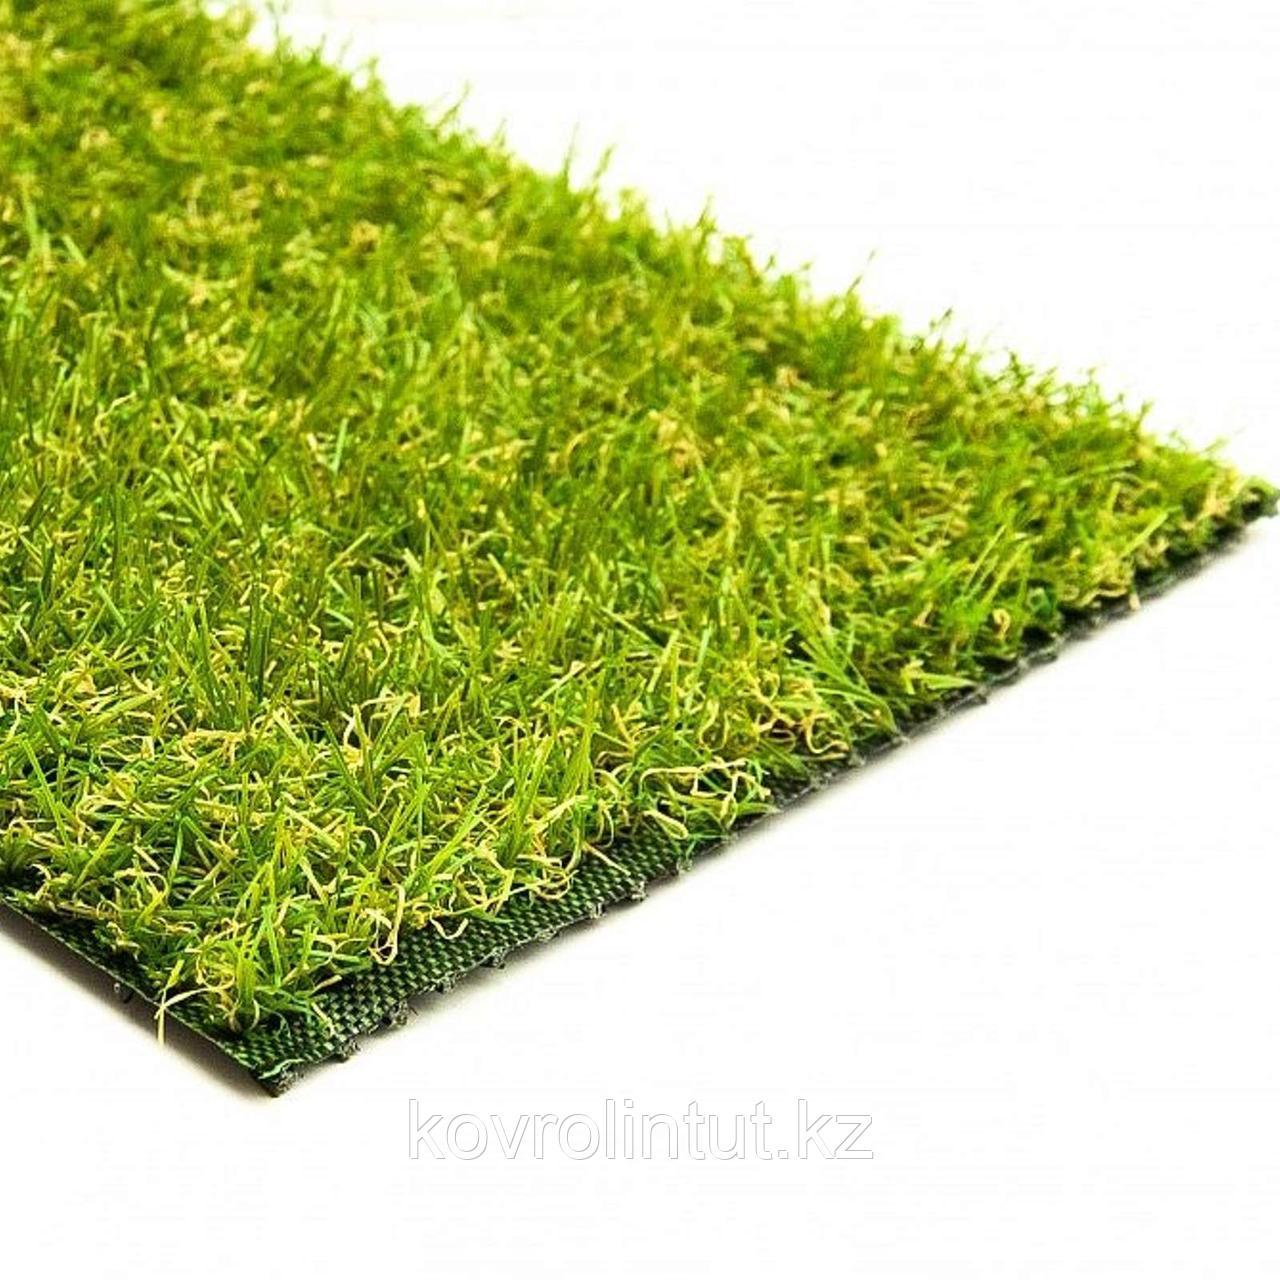 Трава искусственная Murcia, 30мм, 2м